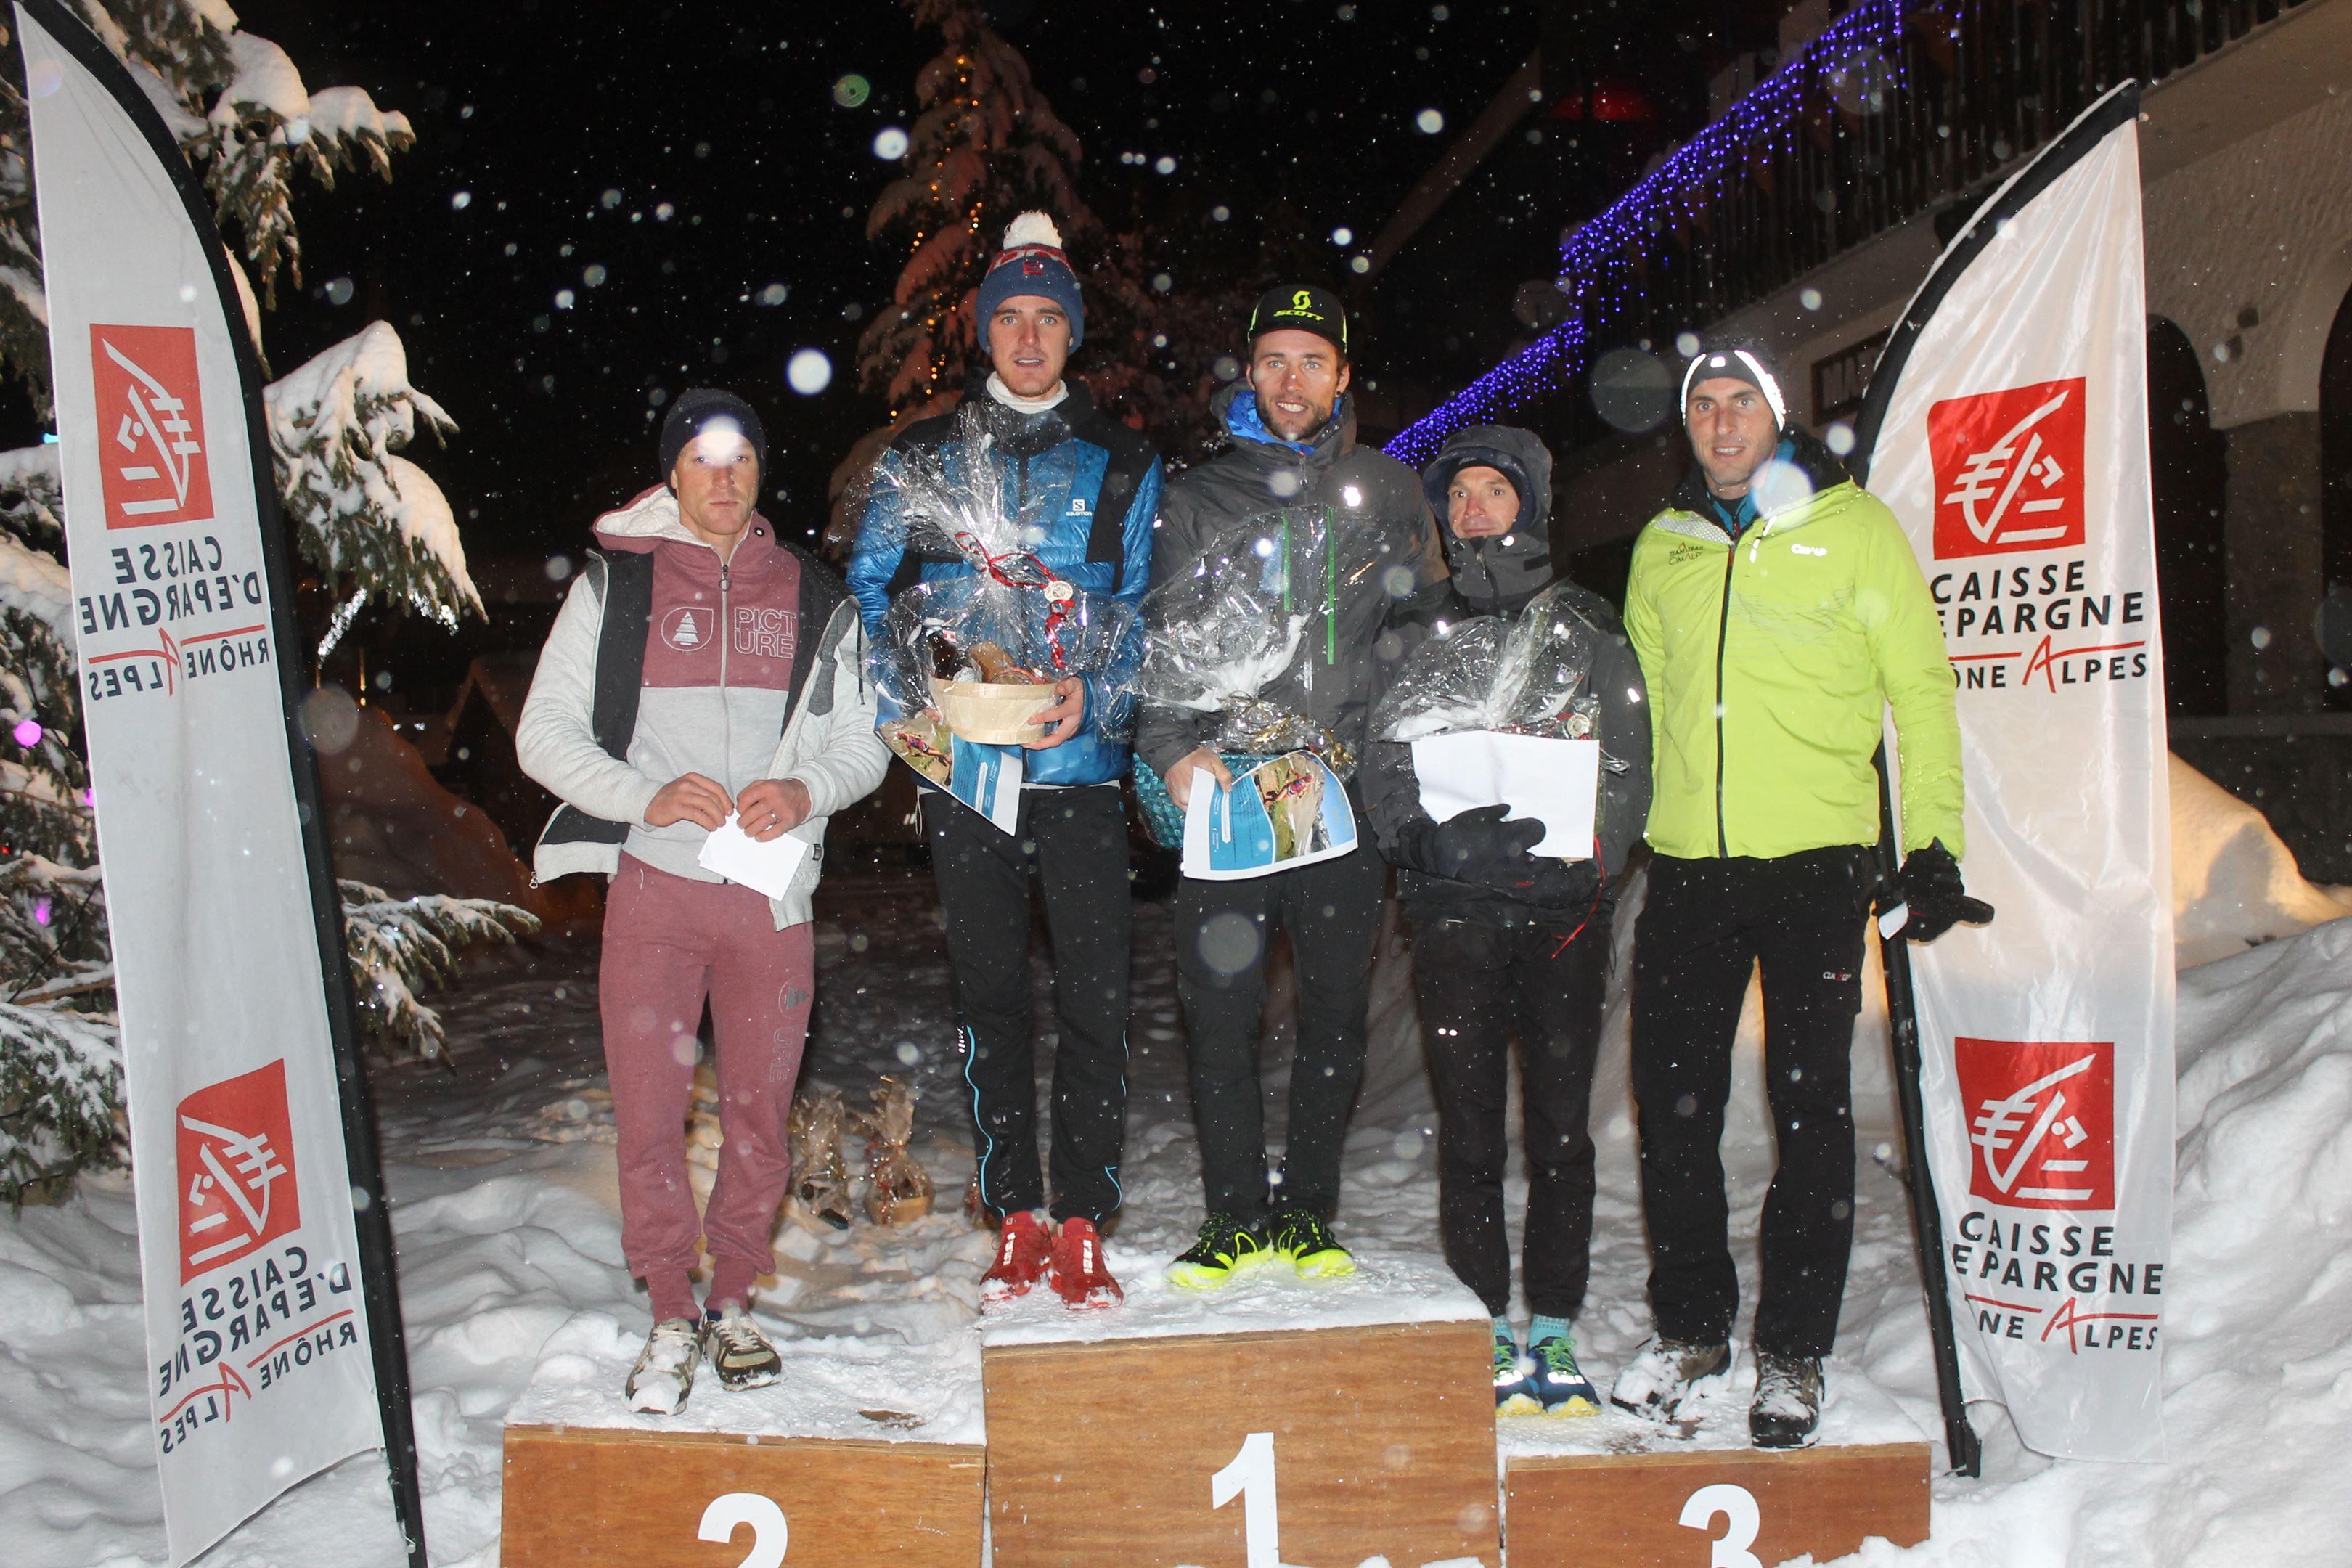 copie 0 podium hommes du 14km - WITT 2ème étape à St Hilaire du Touvet (Isère) 17-02-2017